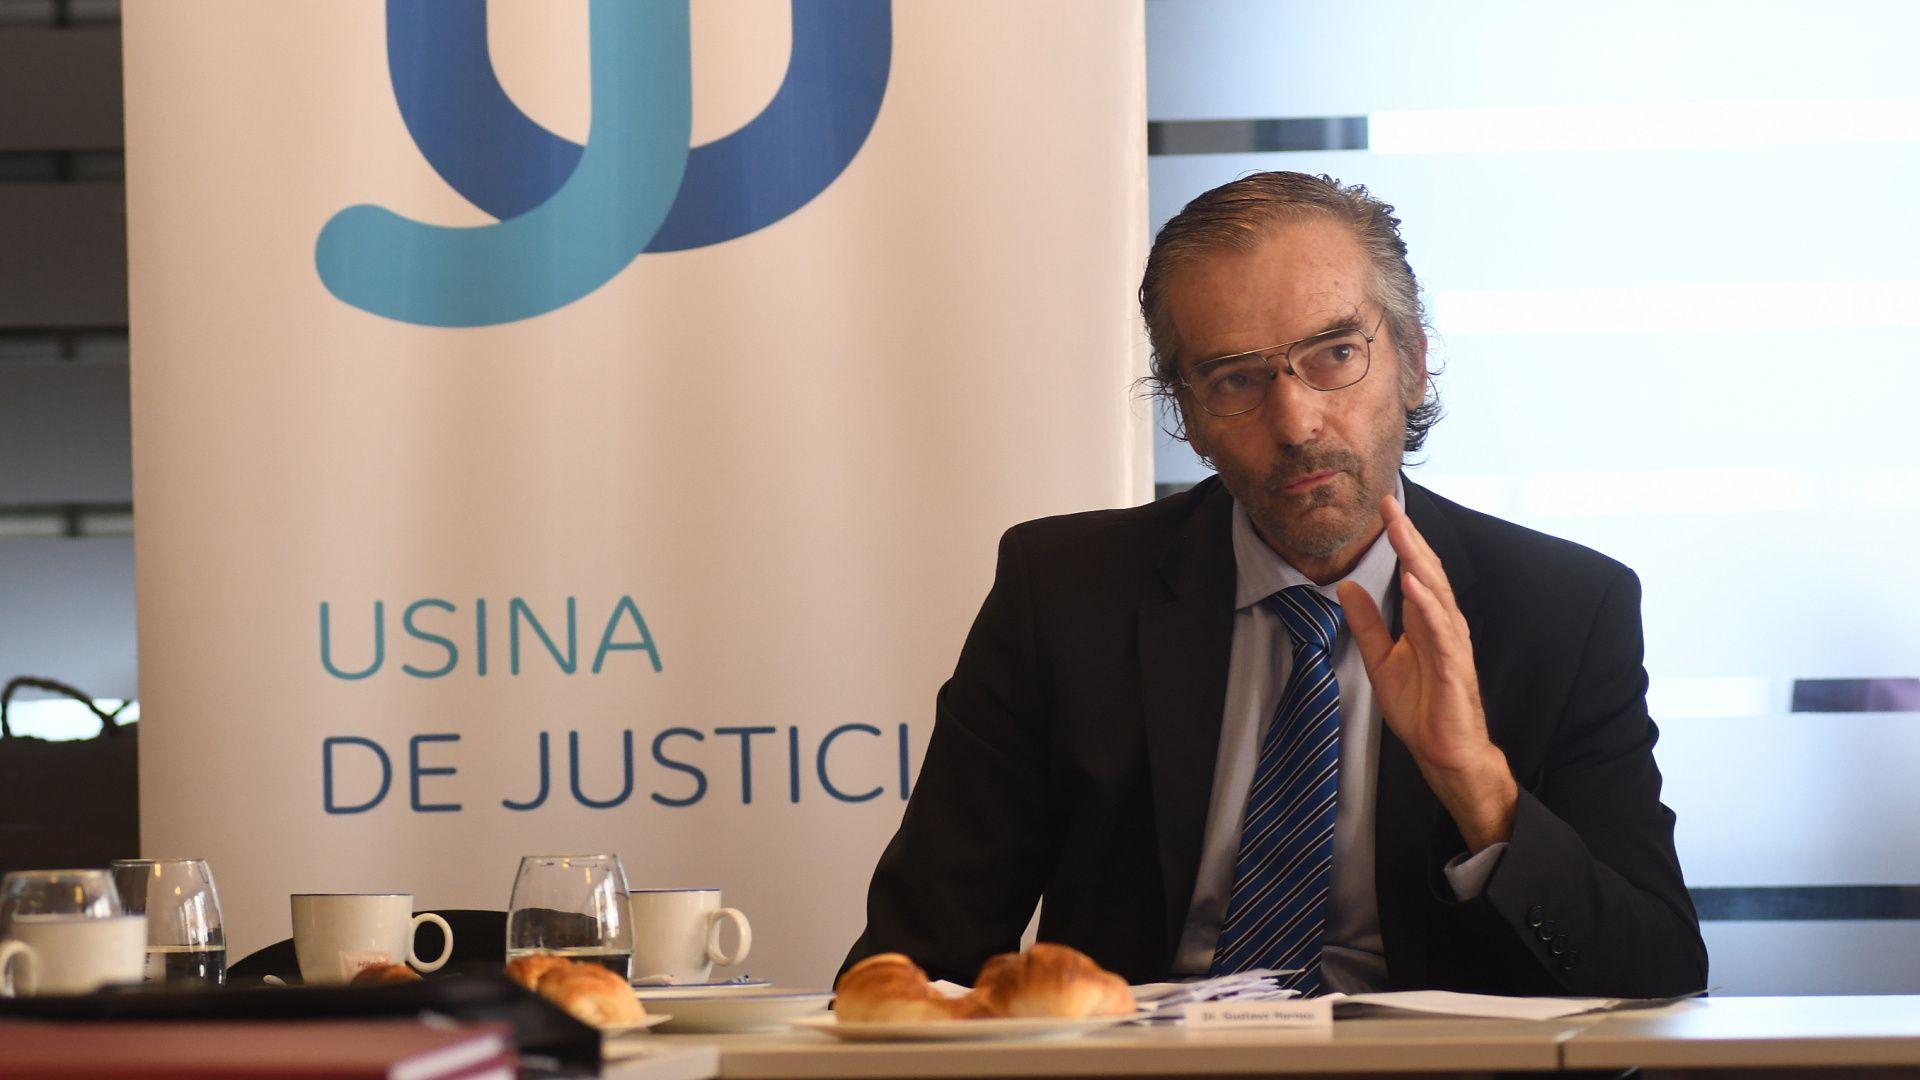 El presidente de la Cámara Federal de Casación Penal (CFCP), Gustavo Hornos, convocó a garantizar la presencialidad en los tribunales (Fabián Ramella)